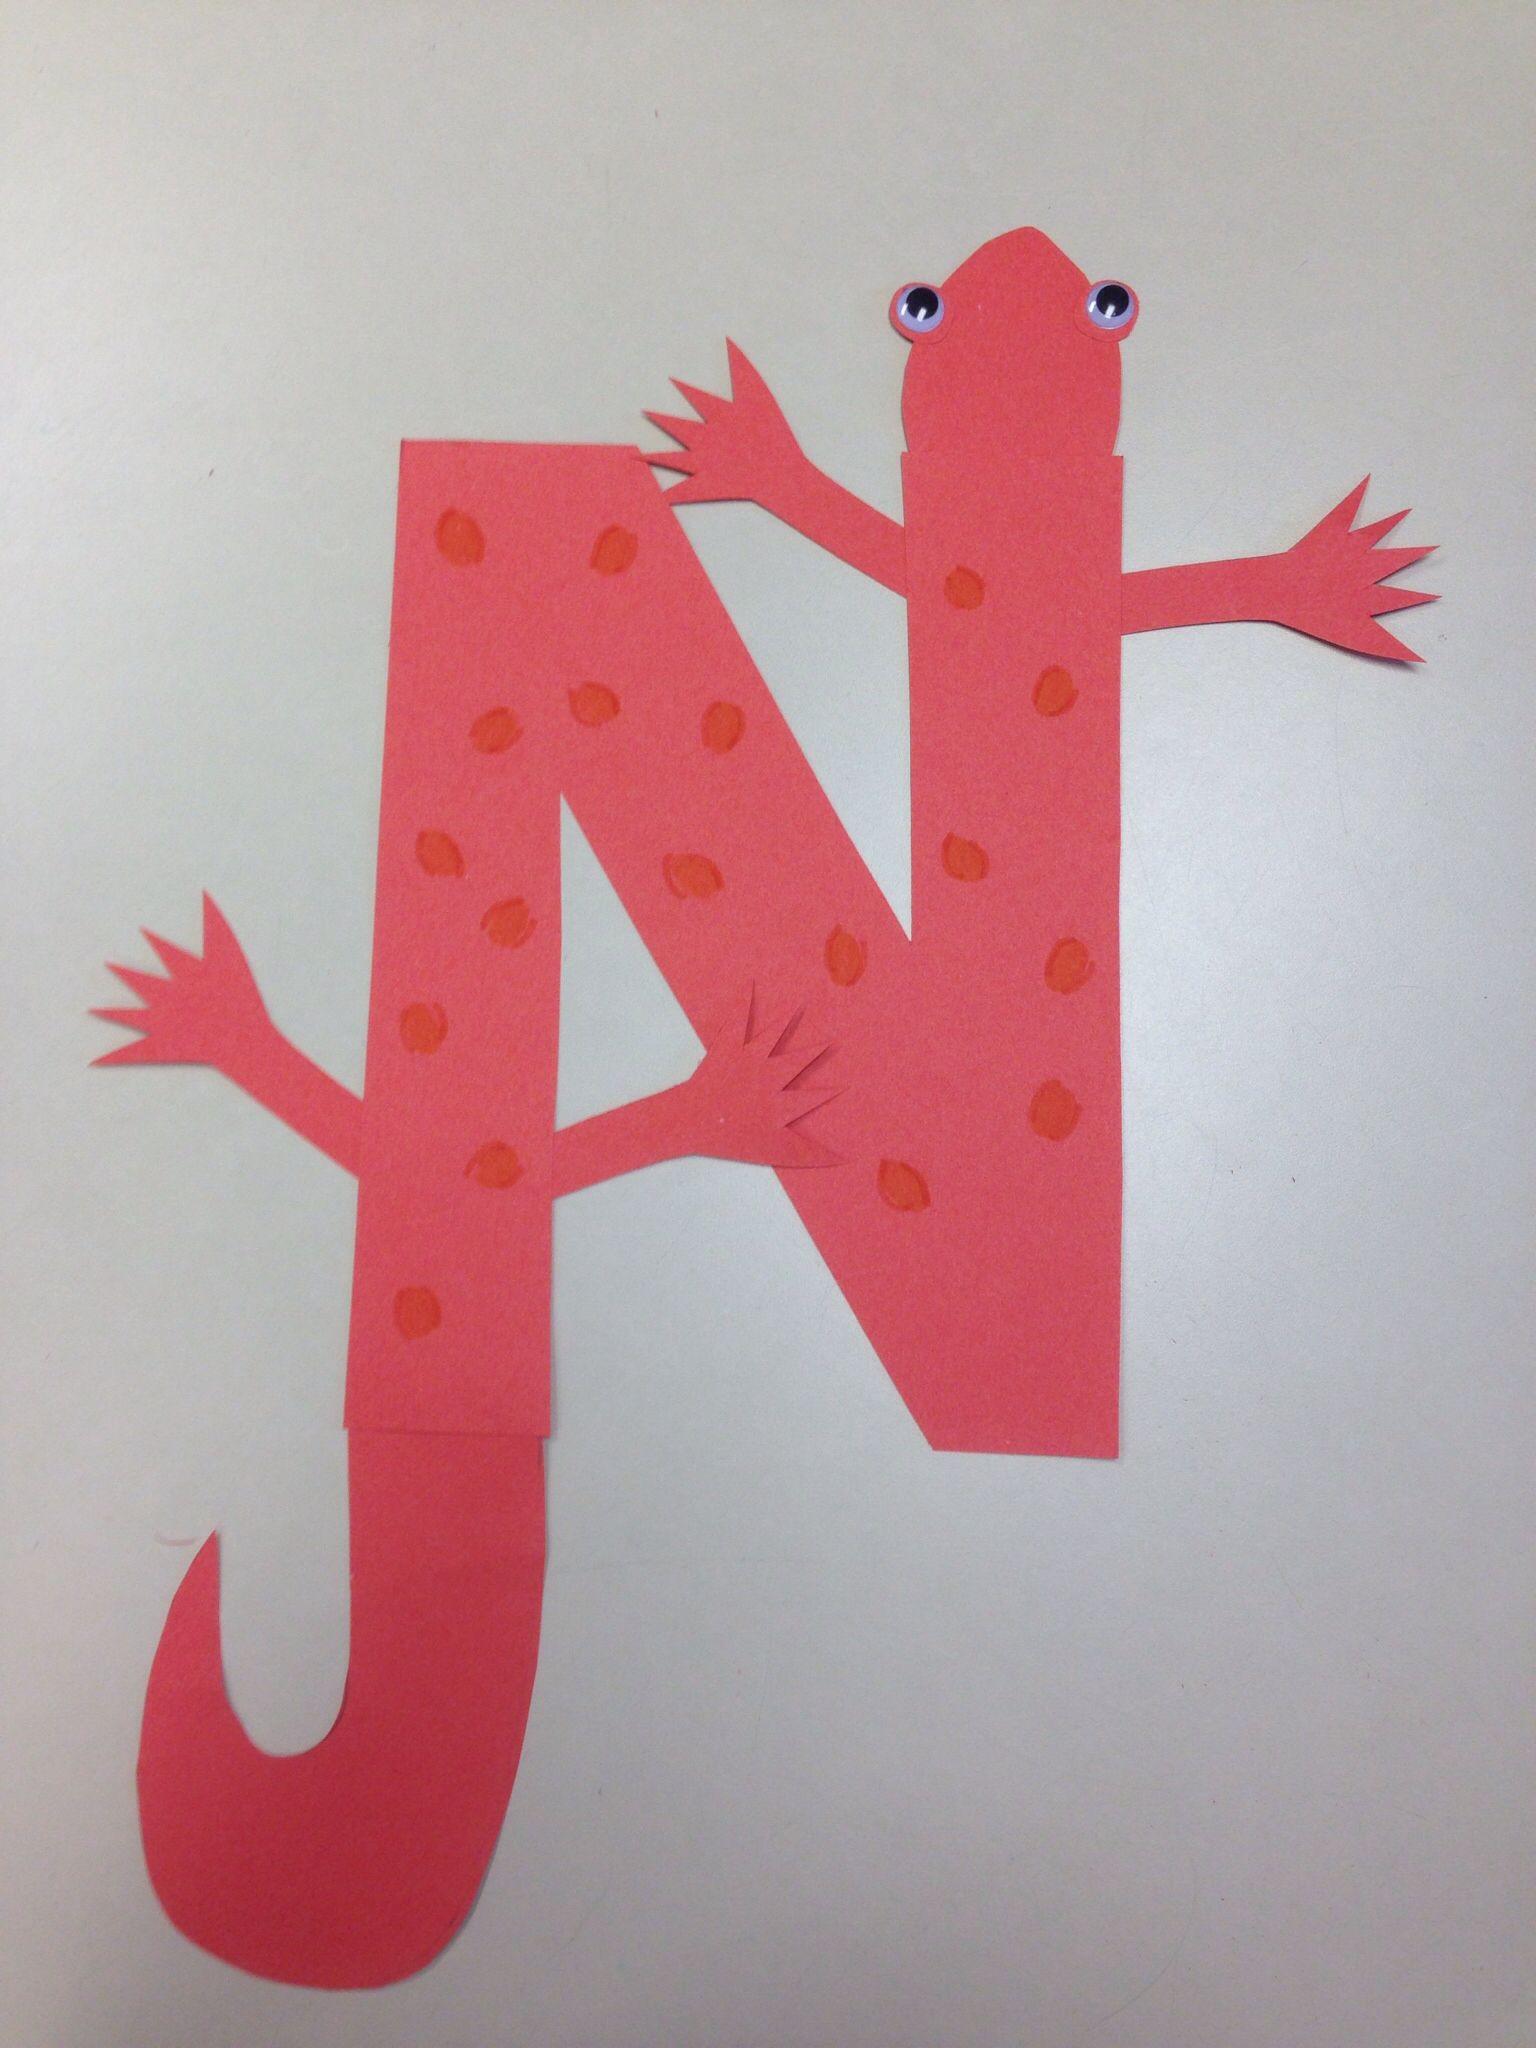 Letter N Crafts For Children Letter N Crafts For Kids